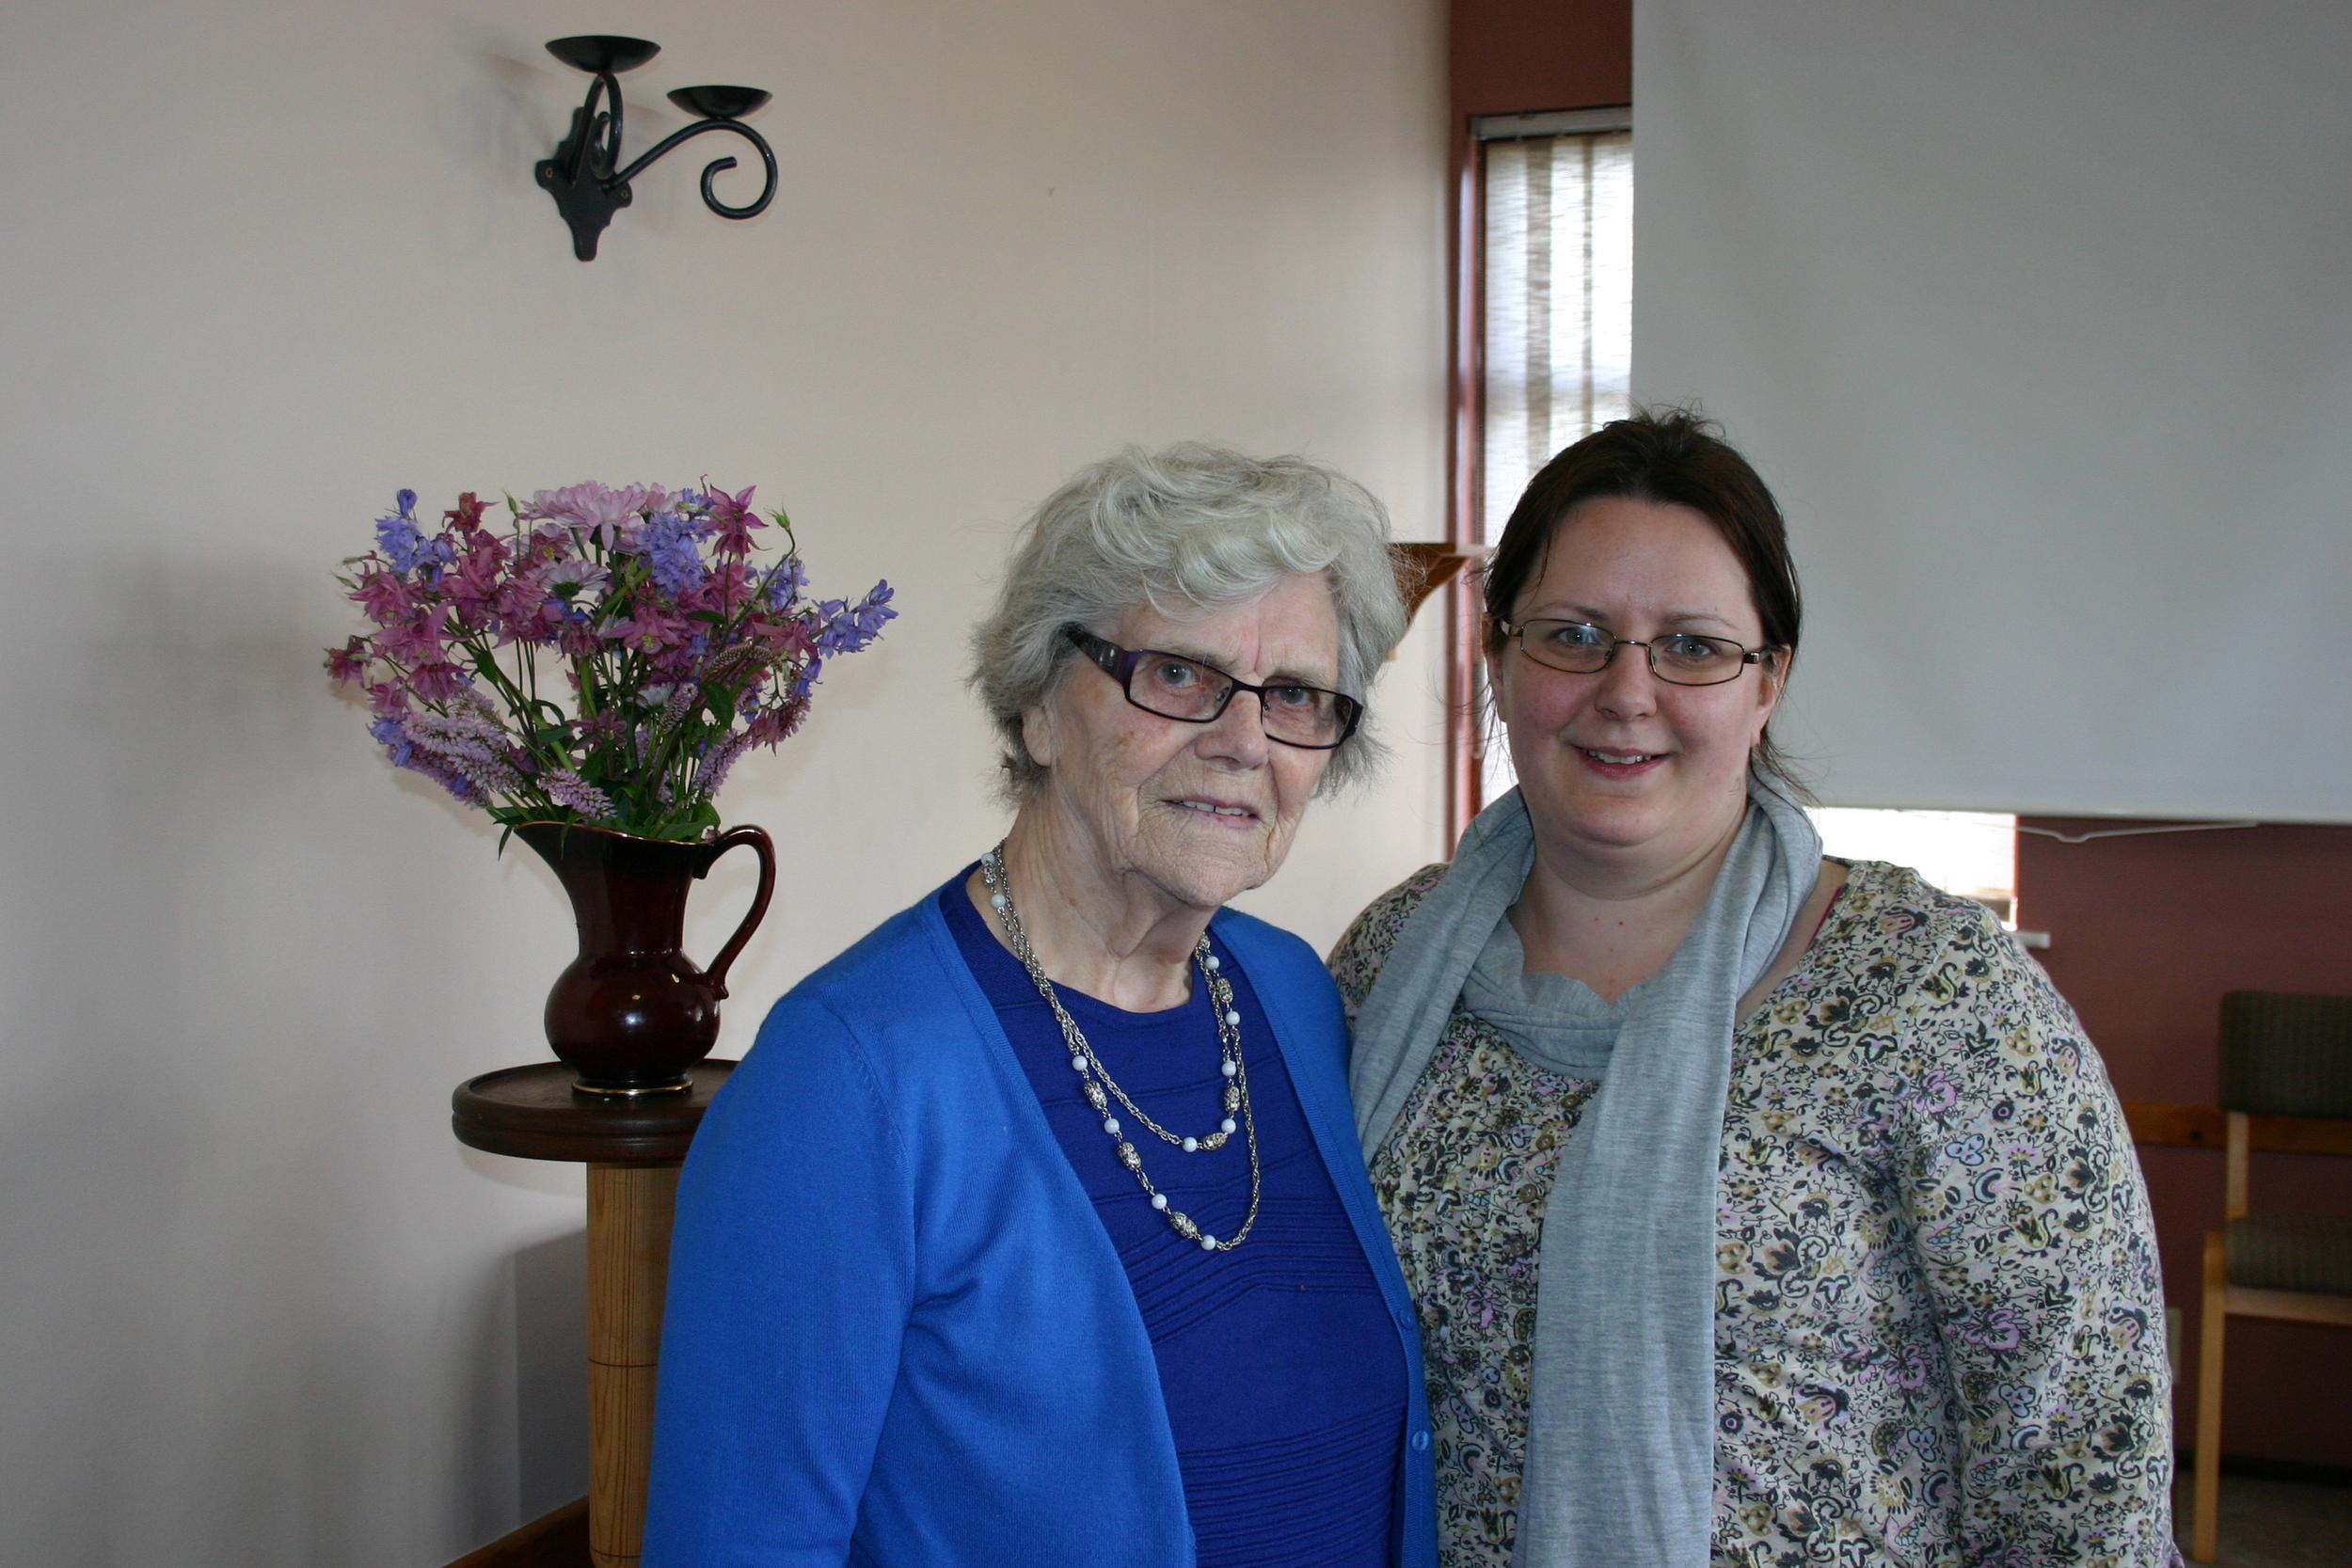 Margaret Barker and her granddaughter Deborah Davitt